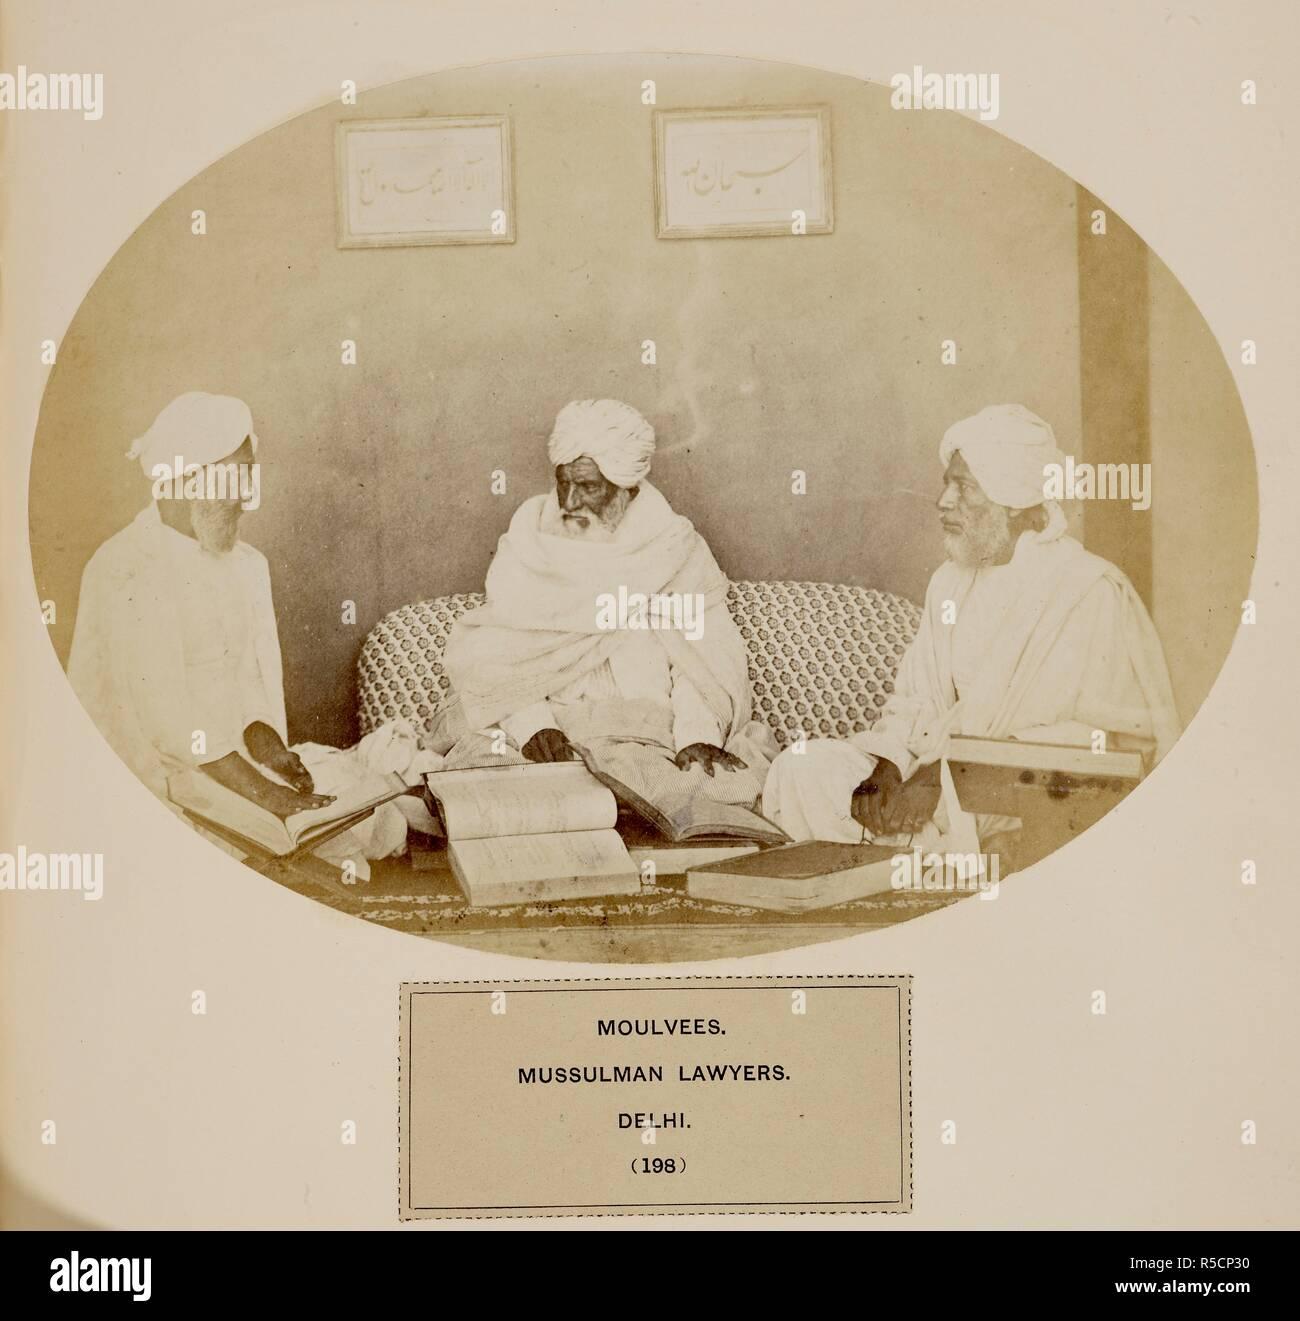 Moulvees. Mussulman avvocati. Delhi. c.1862. Fonte: Photo 973/4(198). Immagini Stock